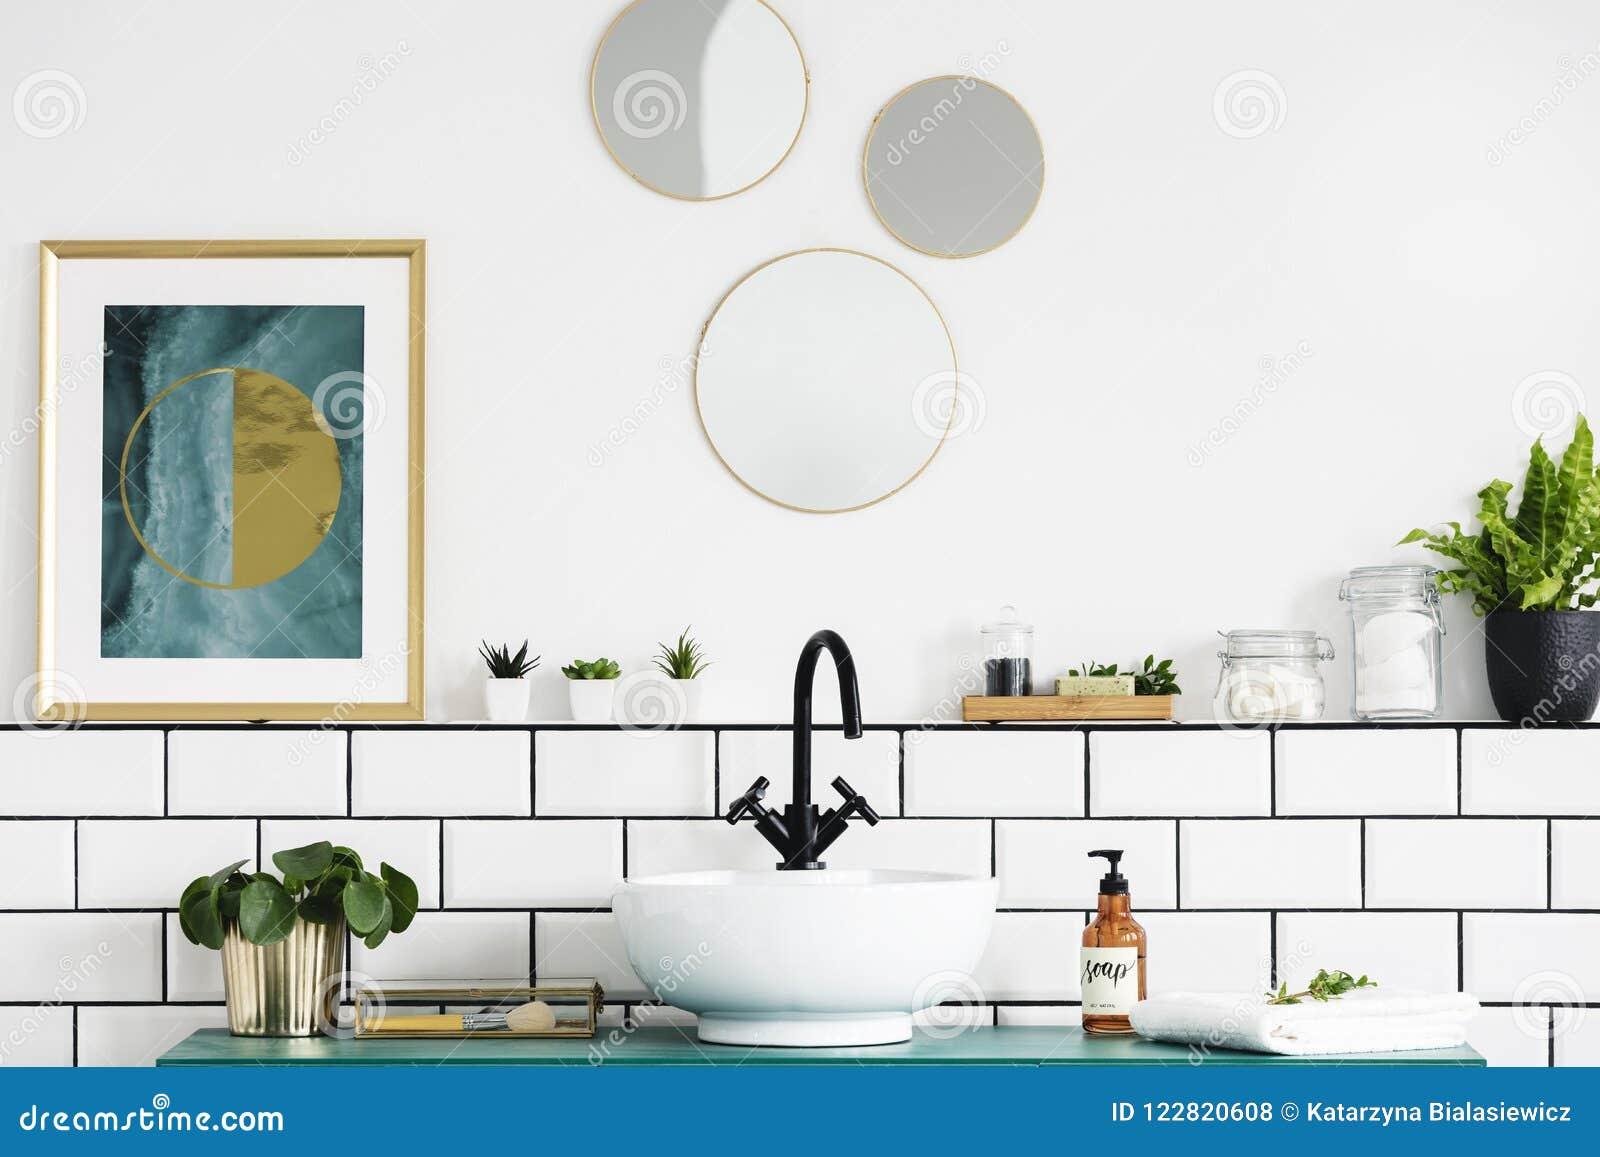 Плакат рядом с круглыми зеркалами над washbasin и заводом в белом интерьере ванной комнаты Реальное фото